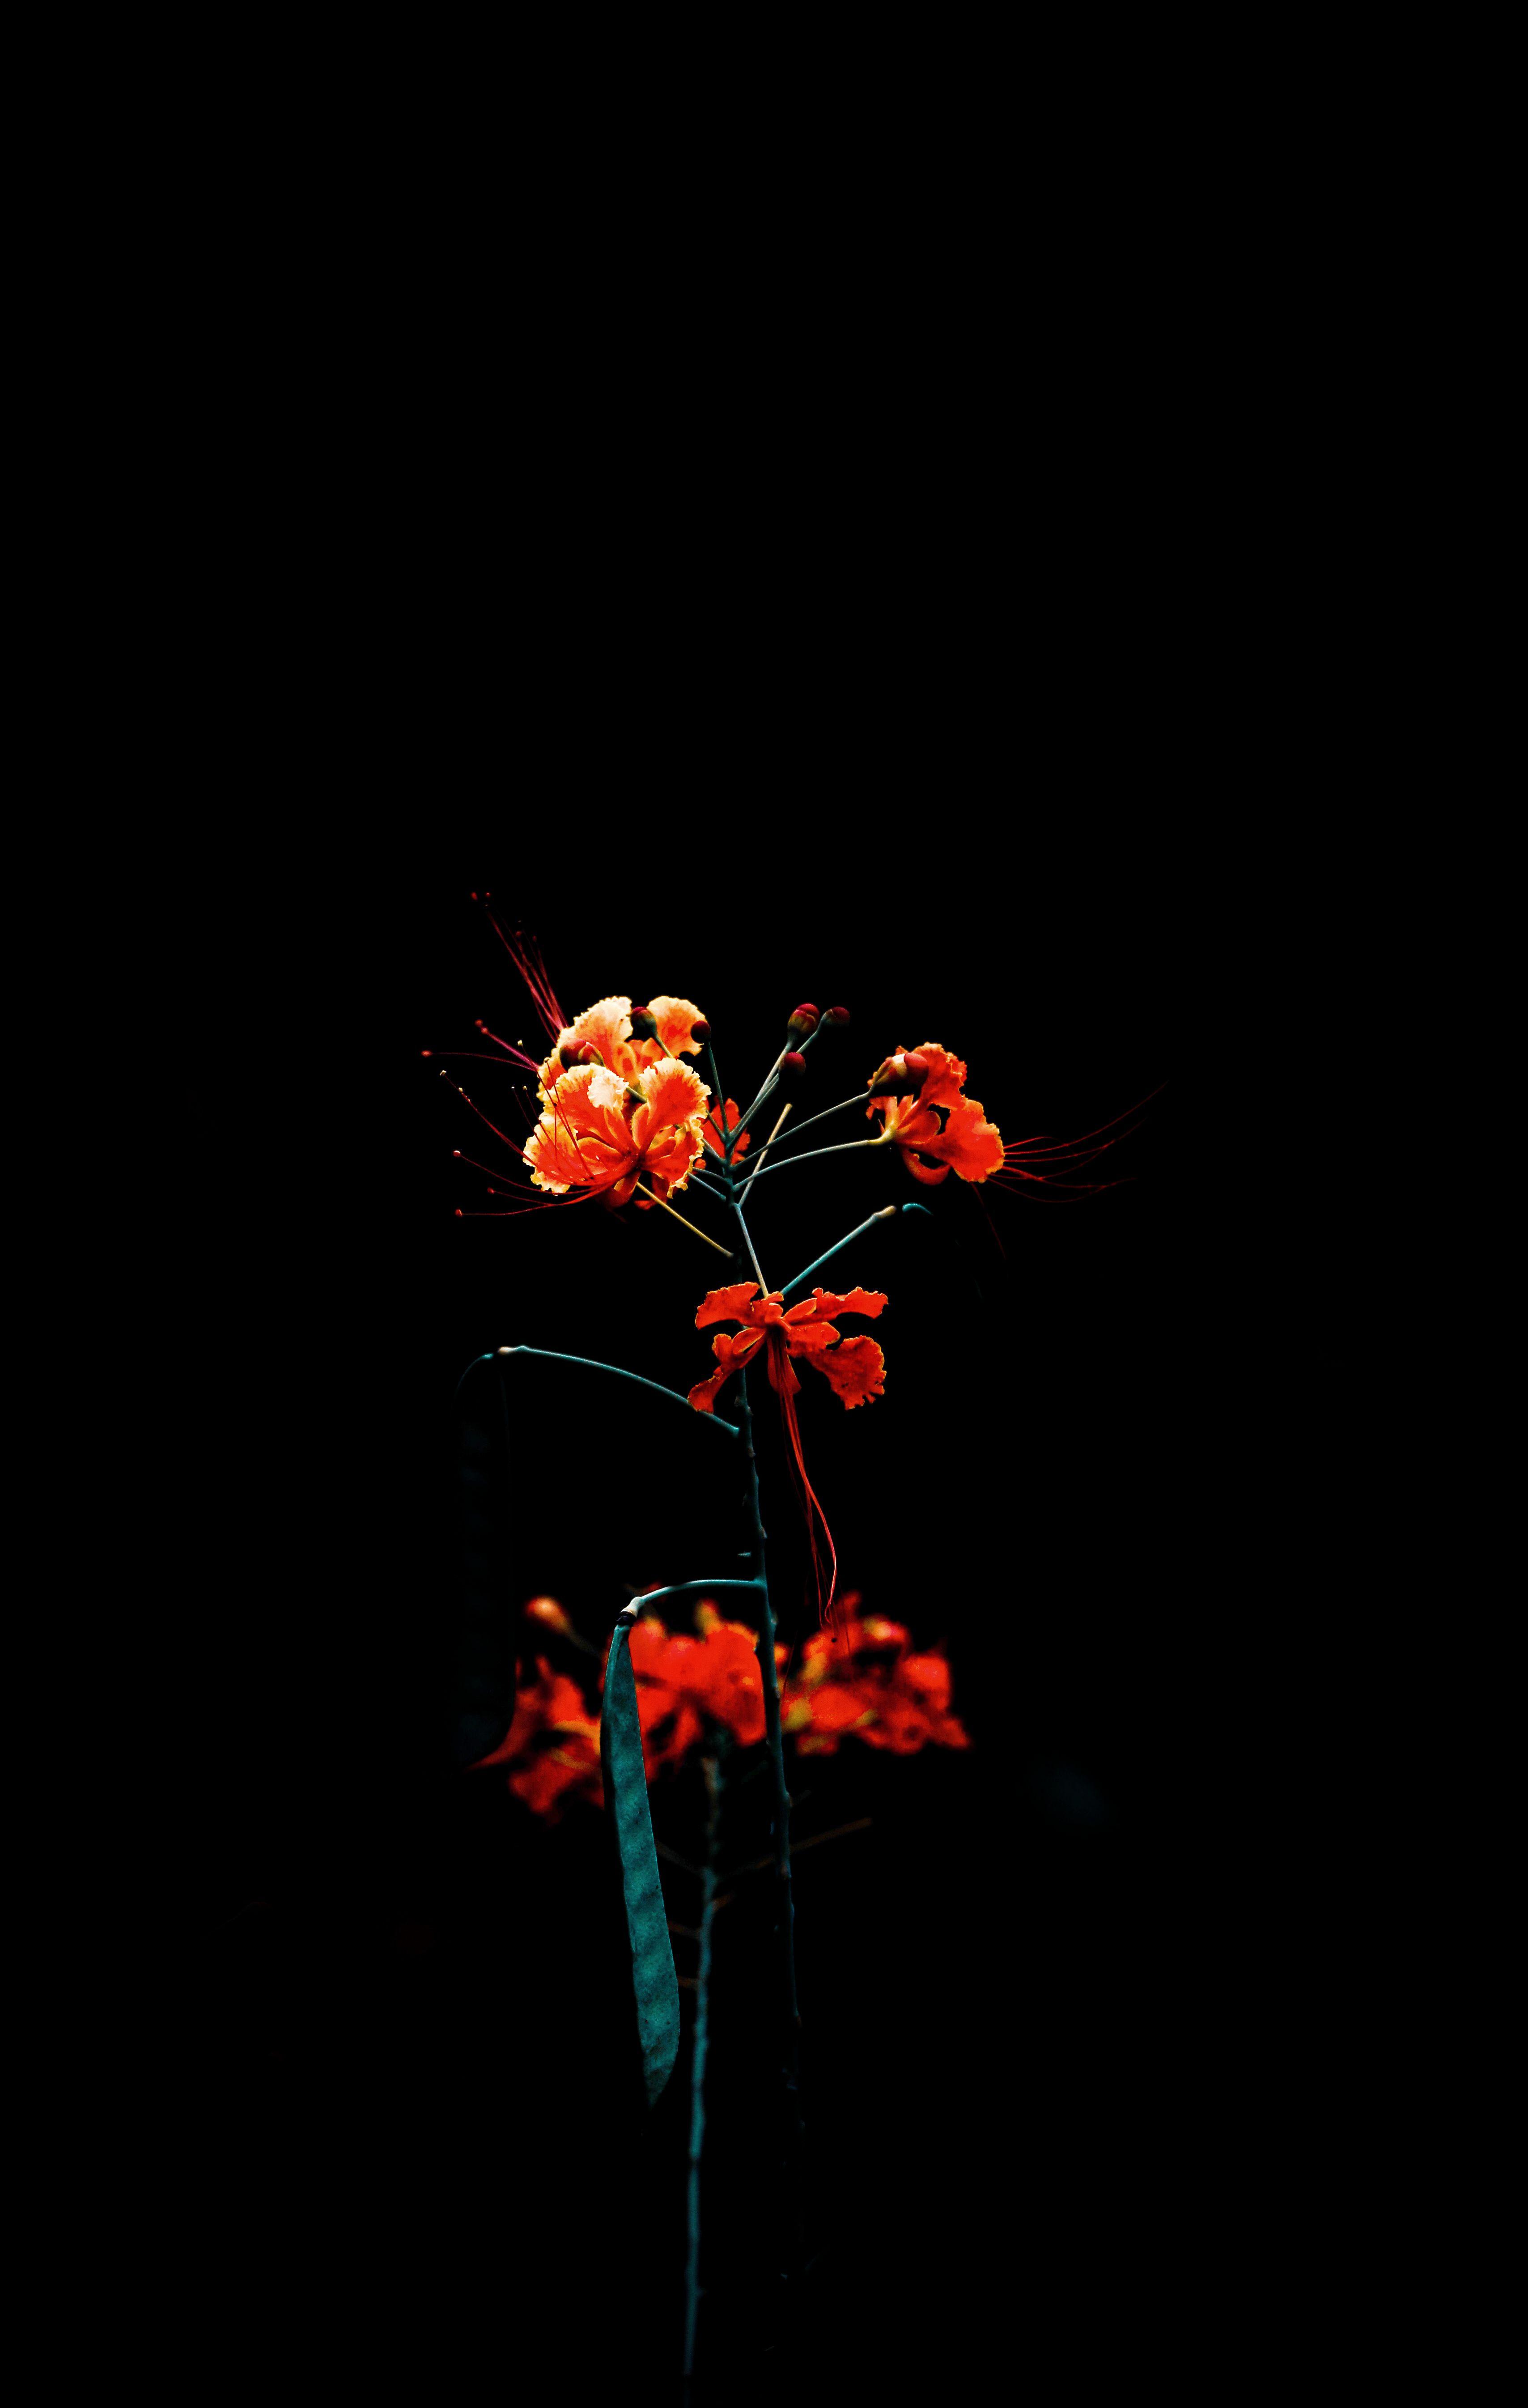 Background Bunga Hitam : background, bunga, hitam, Stock, Photo, Beautiful,, Beautiful, Flowers,, Black